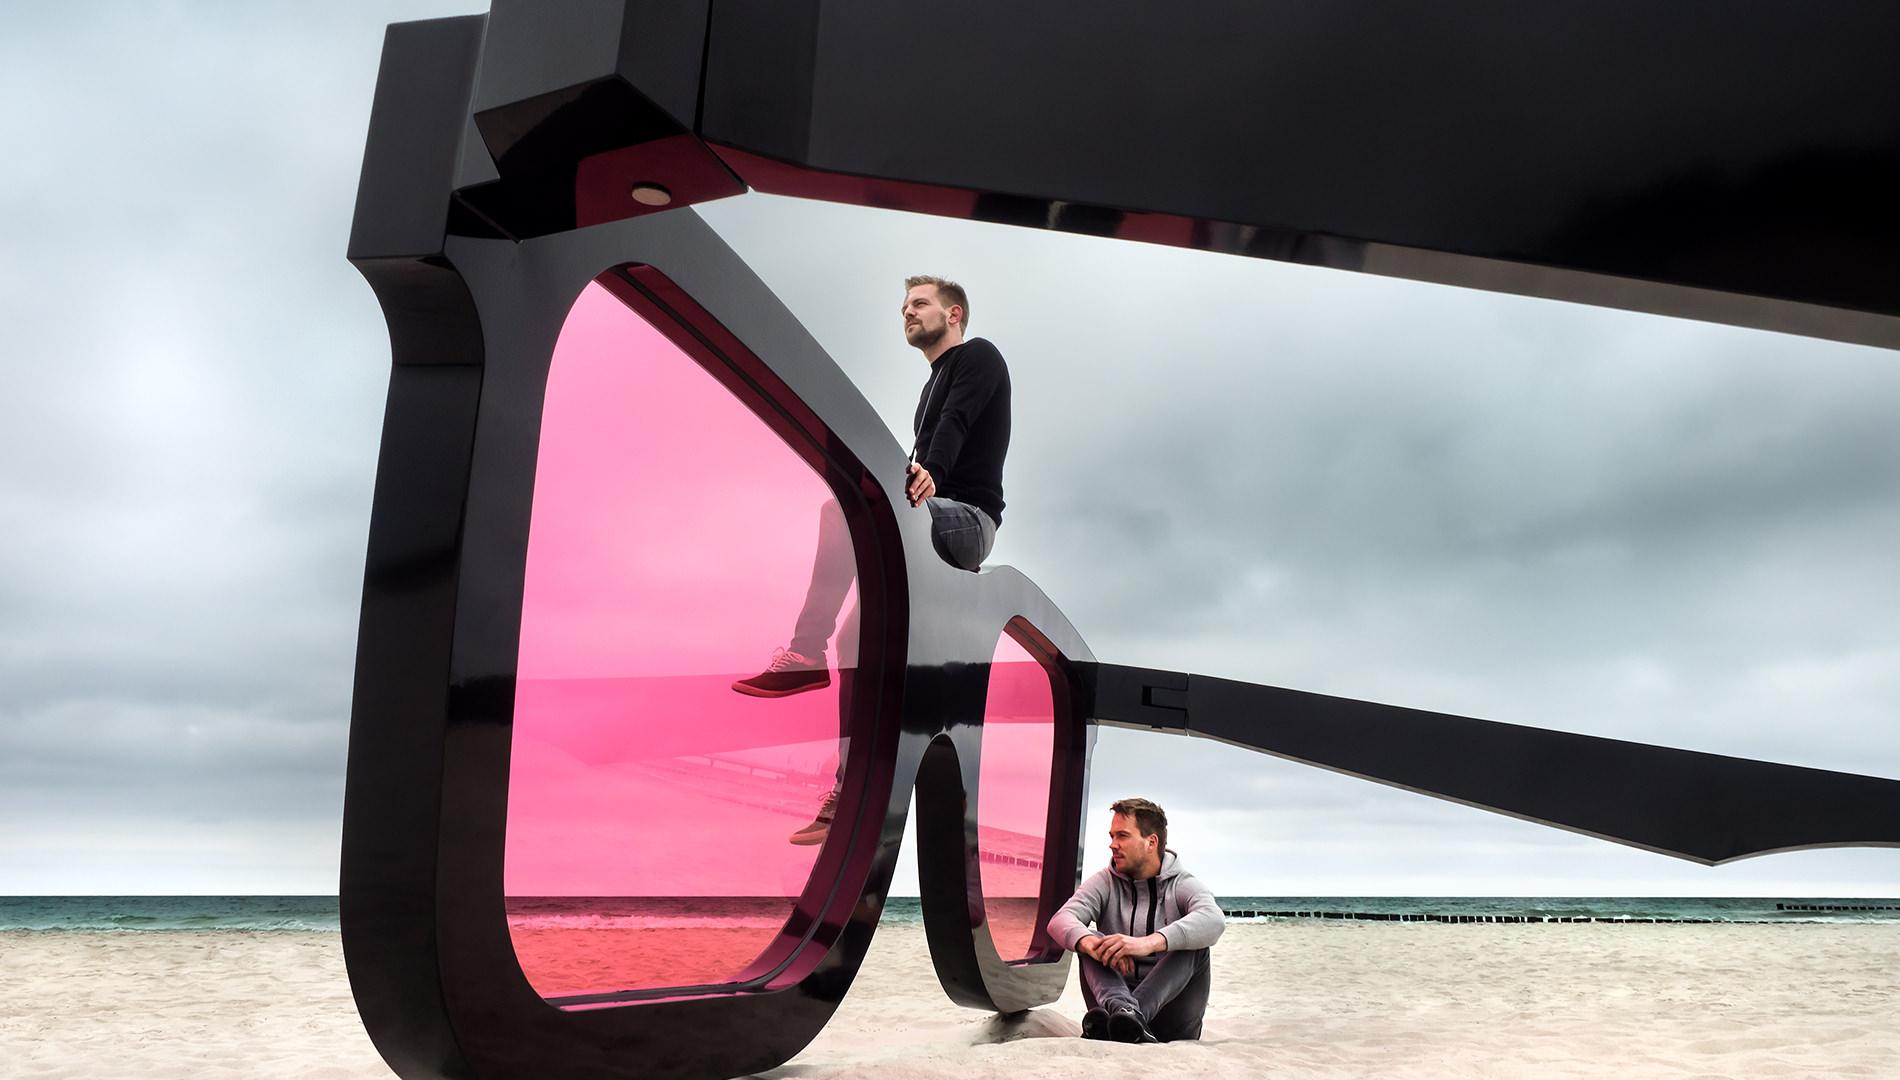 Messe Design Live Kommunikation Zingst Fotokunstpfad Strand Sonnenbrille Sea Pink II Männer Going Places EventLabs